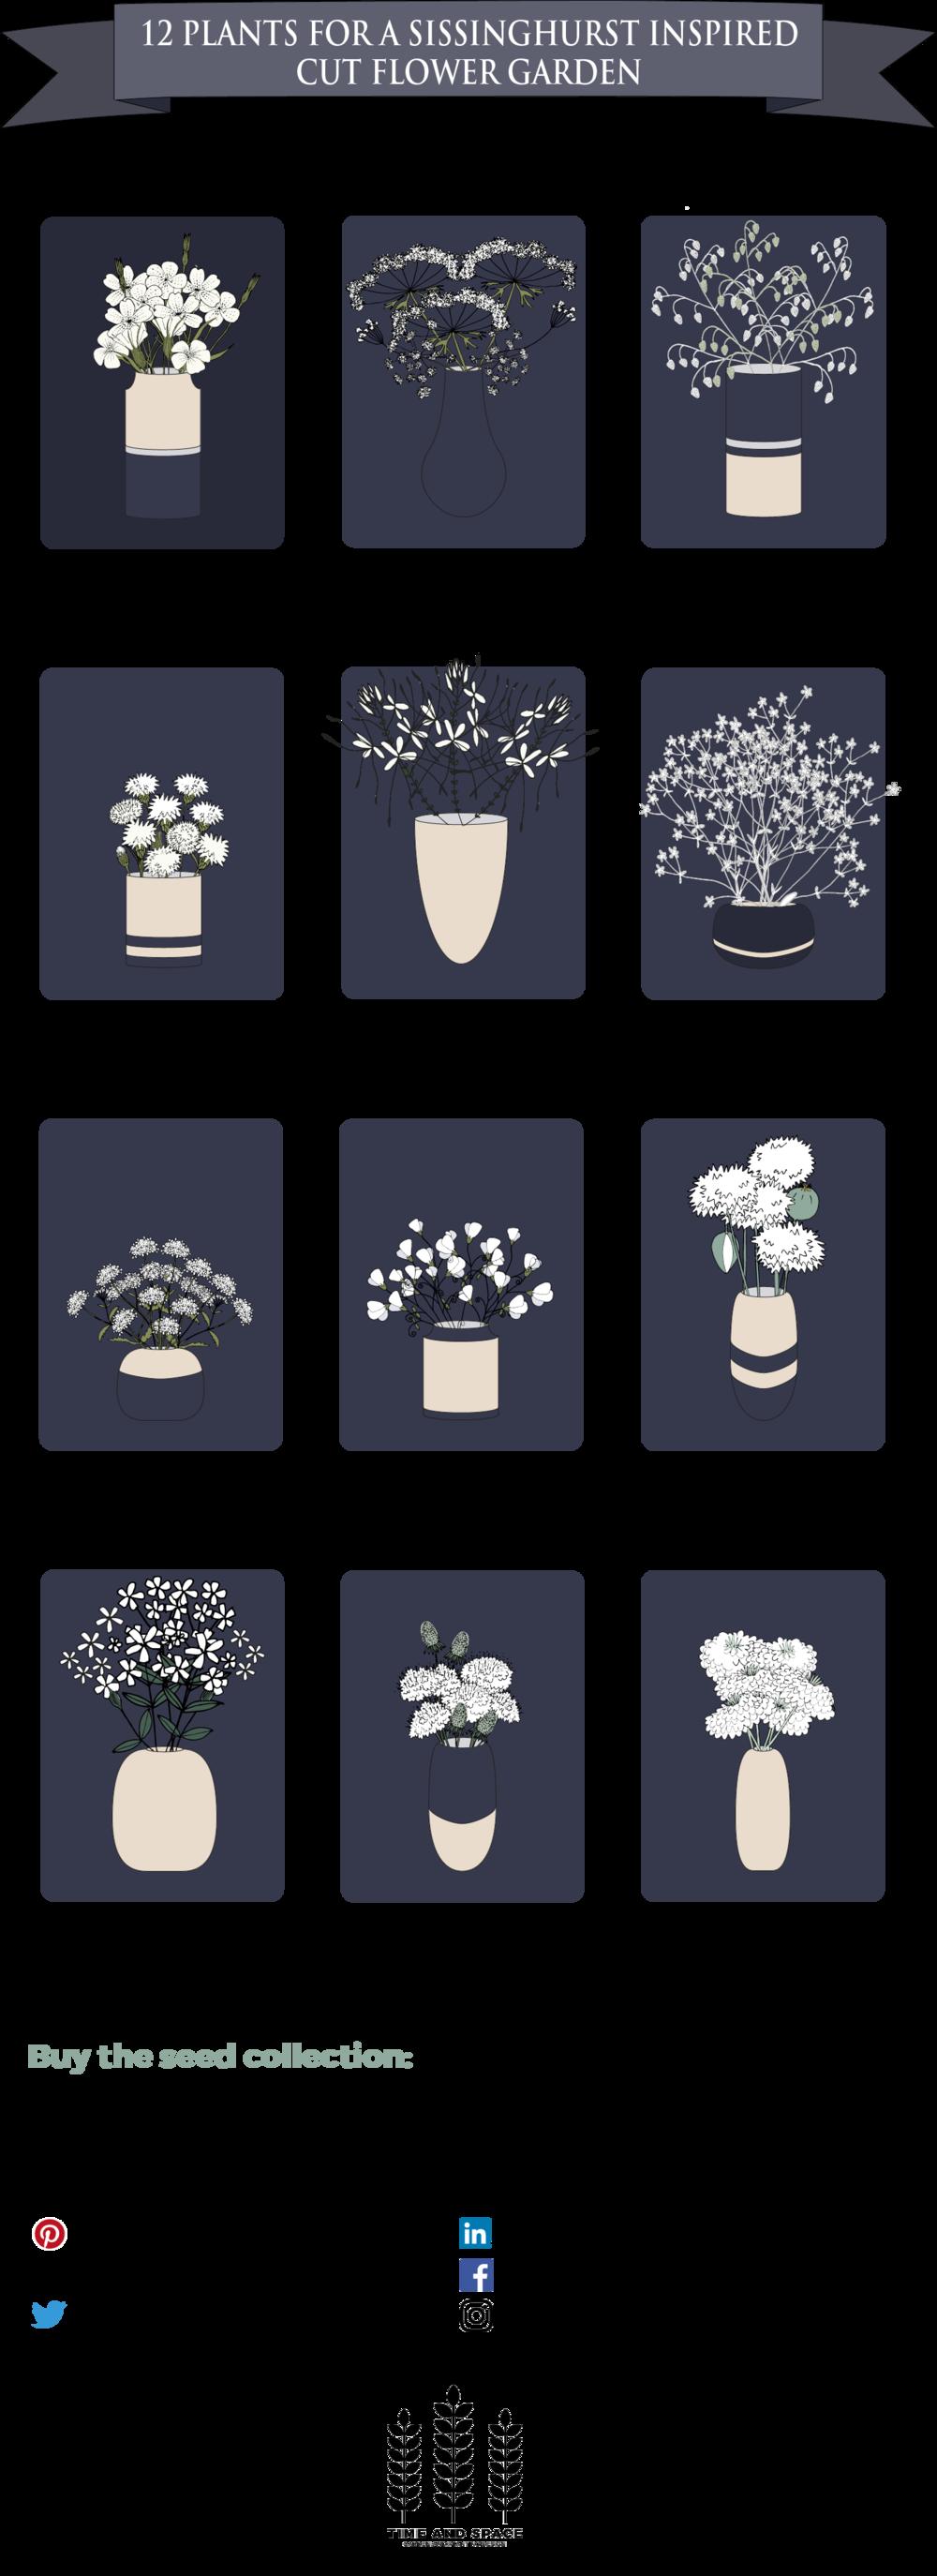 12 Plants for a Sissinghurst Inspired Cut Flower Garden